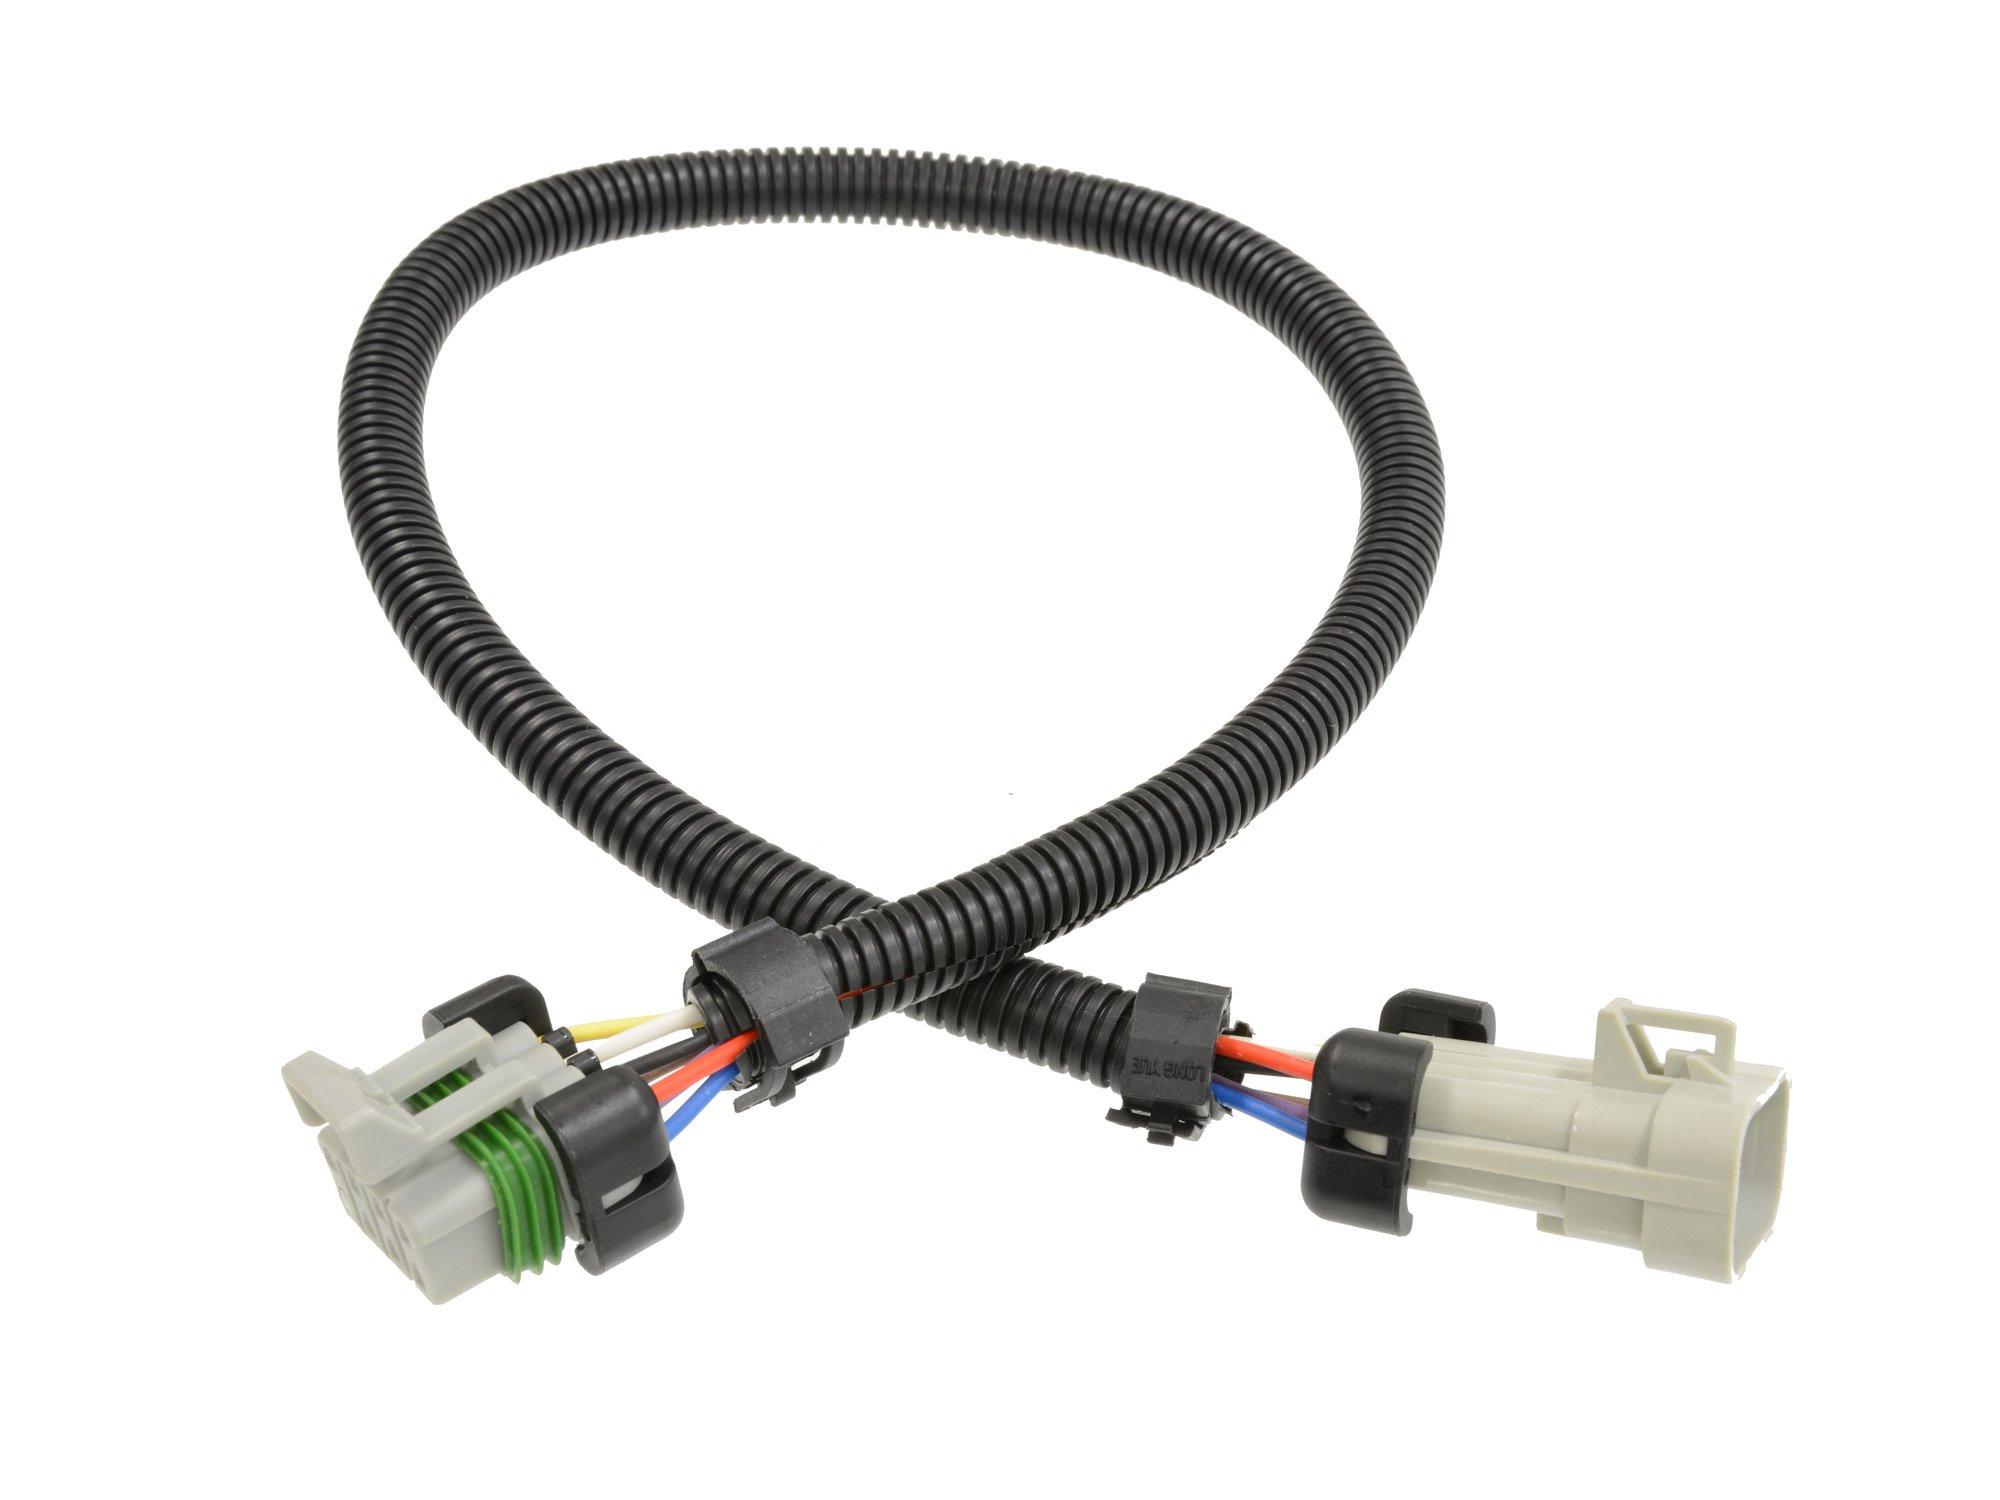 Cheap Ls2 Ls3 Find Deals On Line At Alibabacom Ls7 Wiring Harness Ecu Pin Get Quotations Michigan Motorsports Ls1 Coil Extension Relocation 24 Fits Ls6 Ls9 Lq4